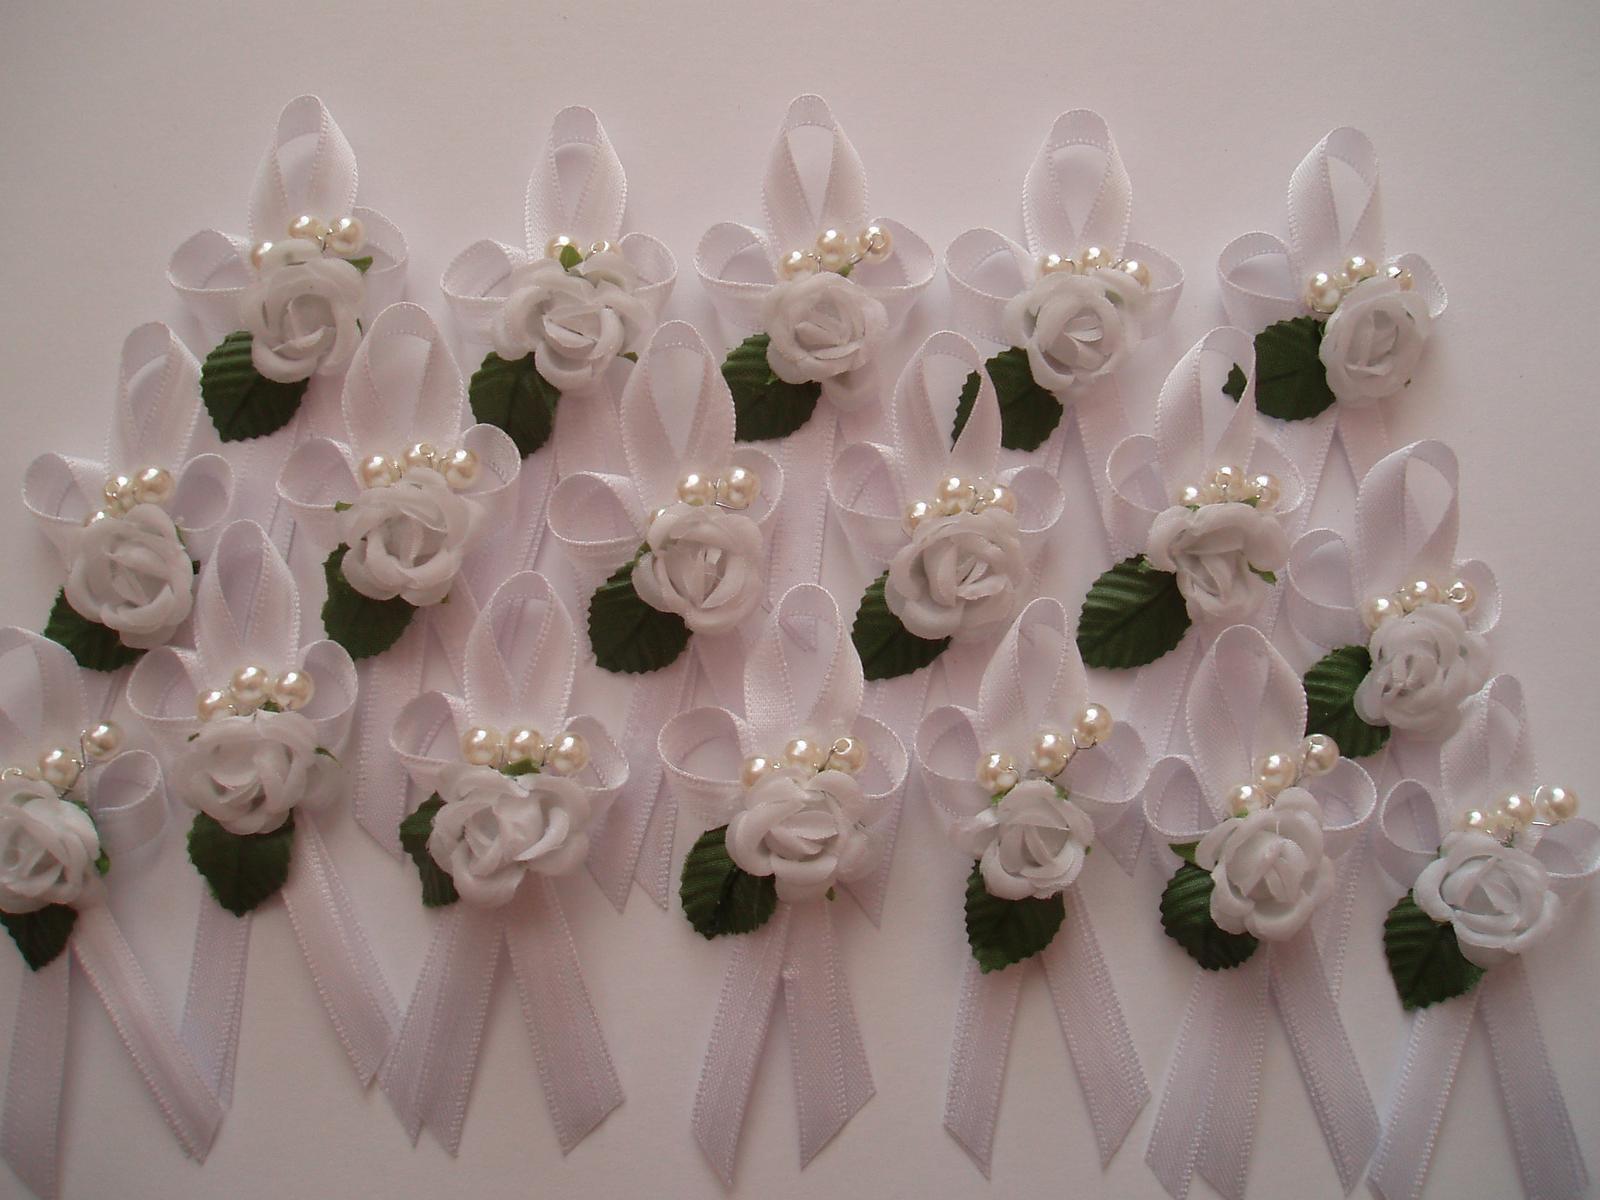 vývazek bílý-růžička - Obrázek č. 1